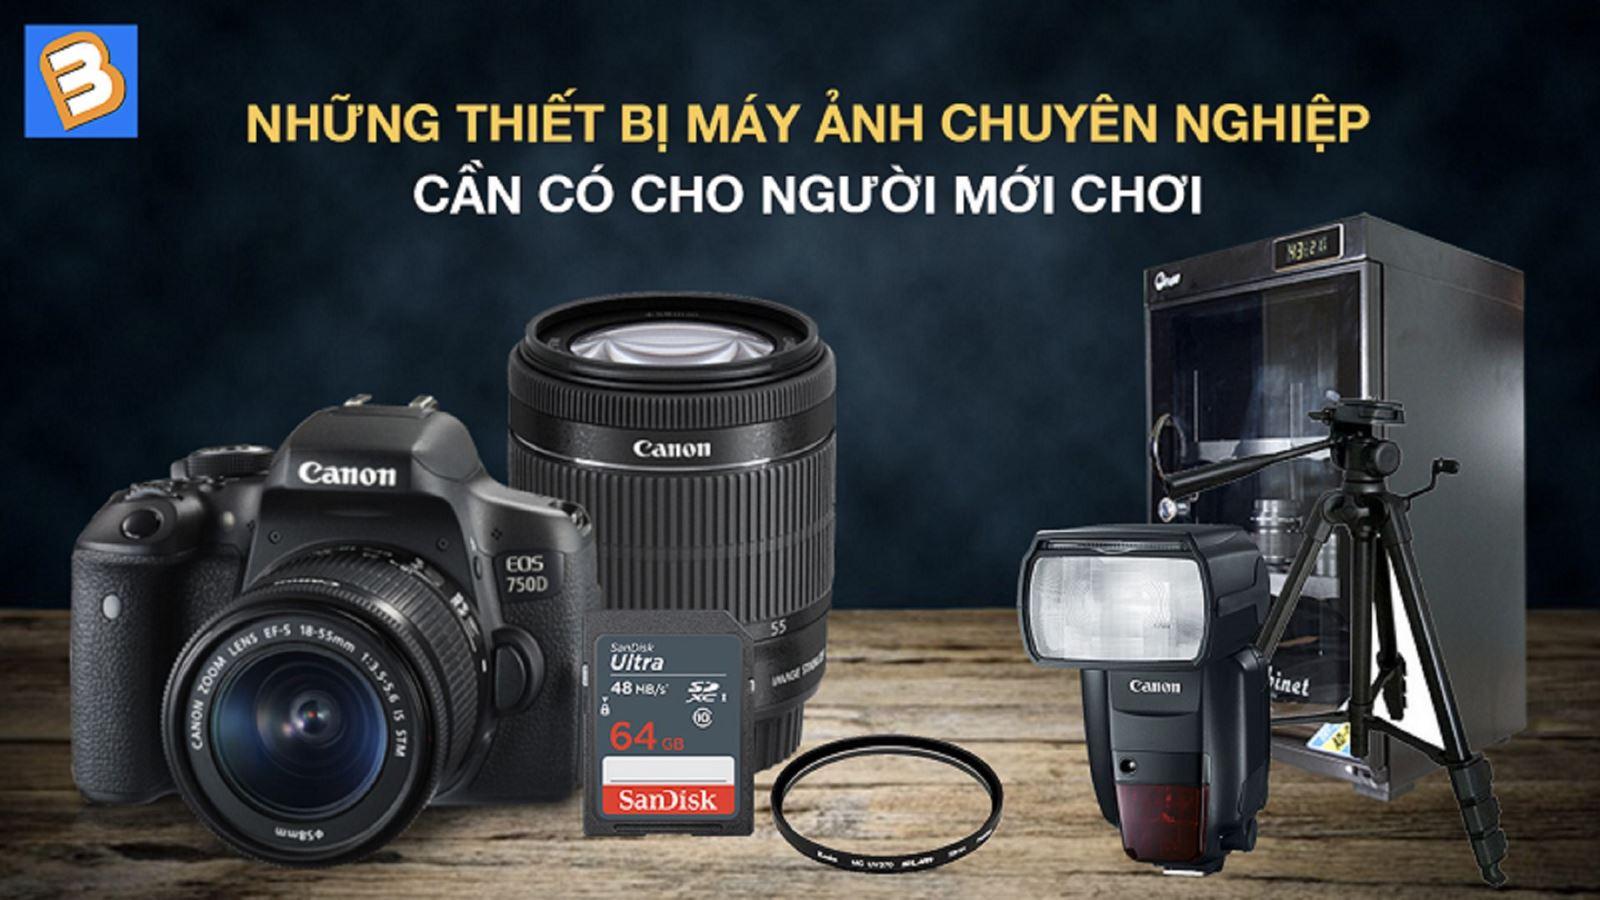 Những thiết bị máy ảnh chuyên nghiệp cần có cho người mới chơi